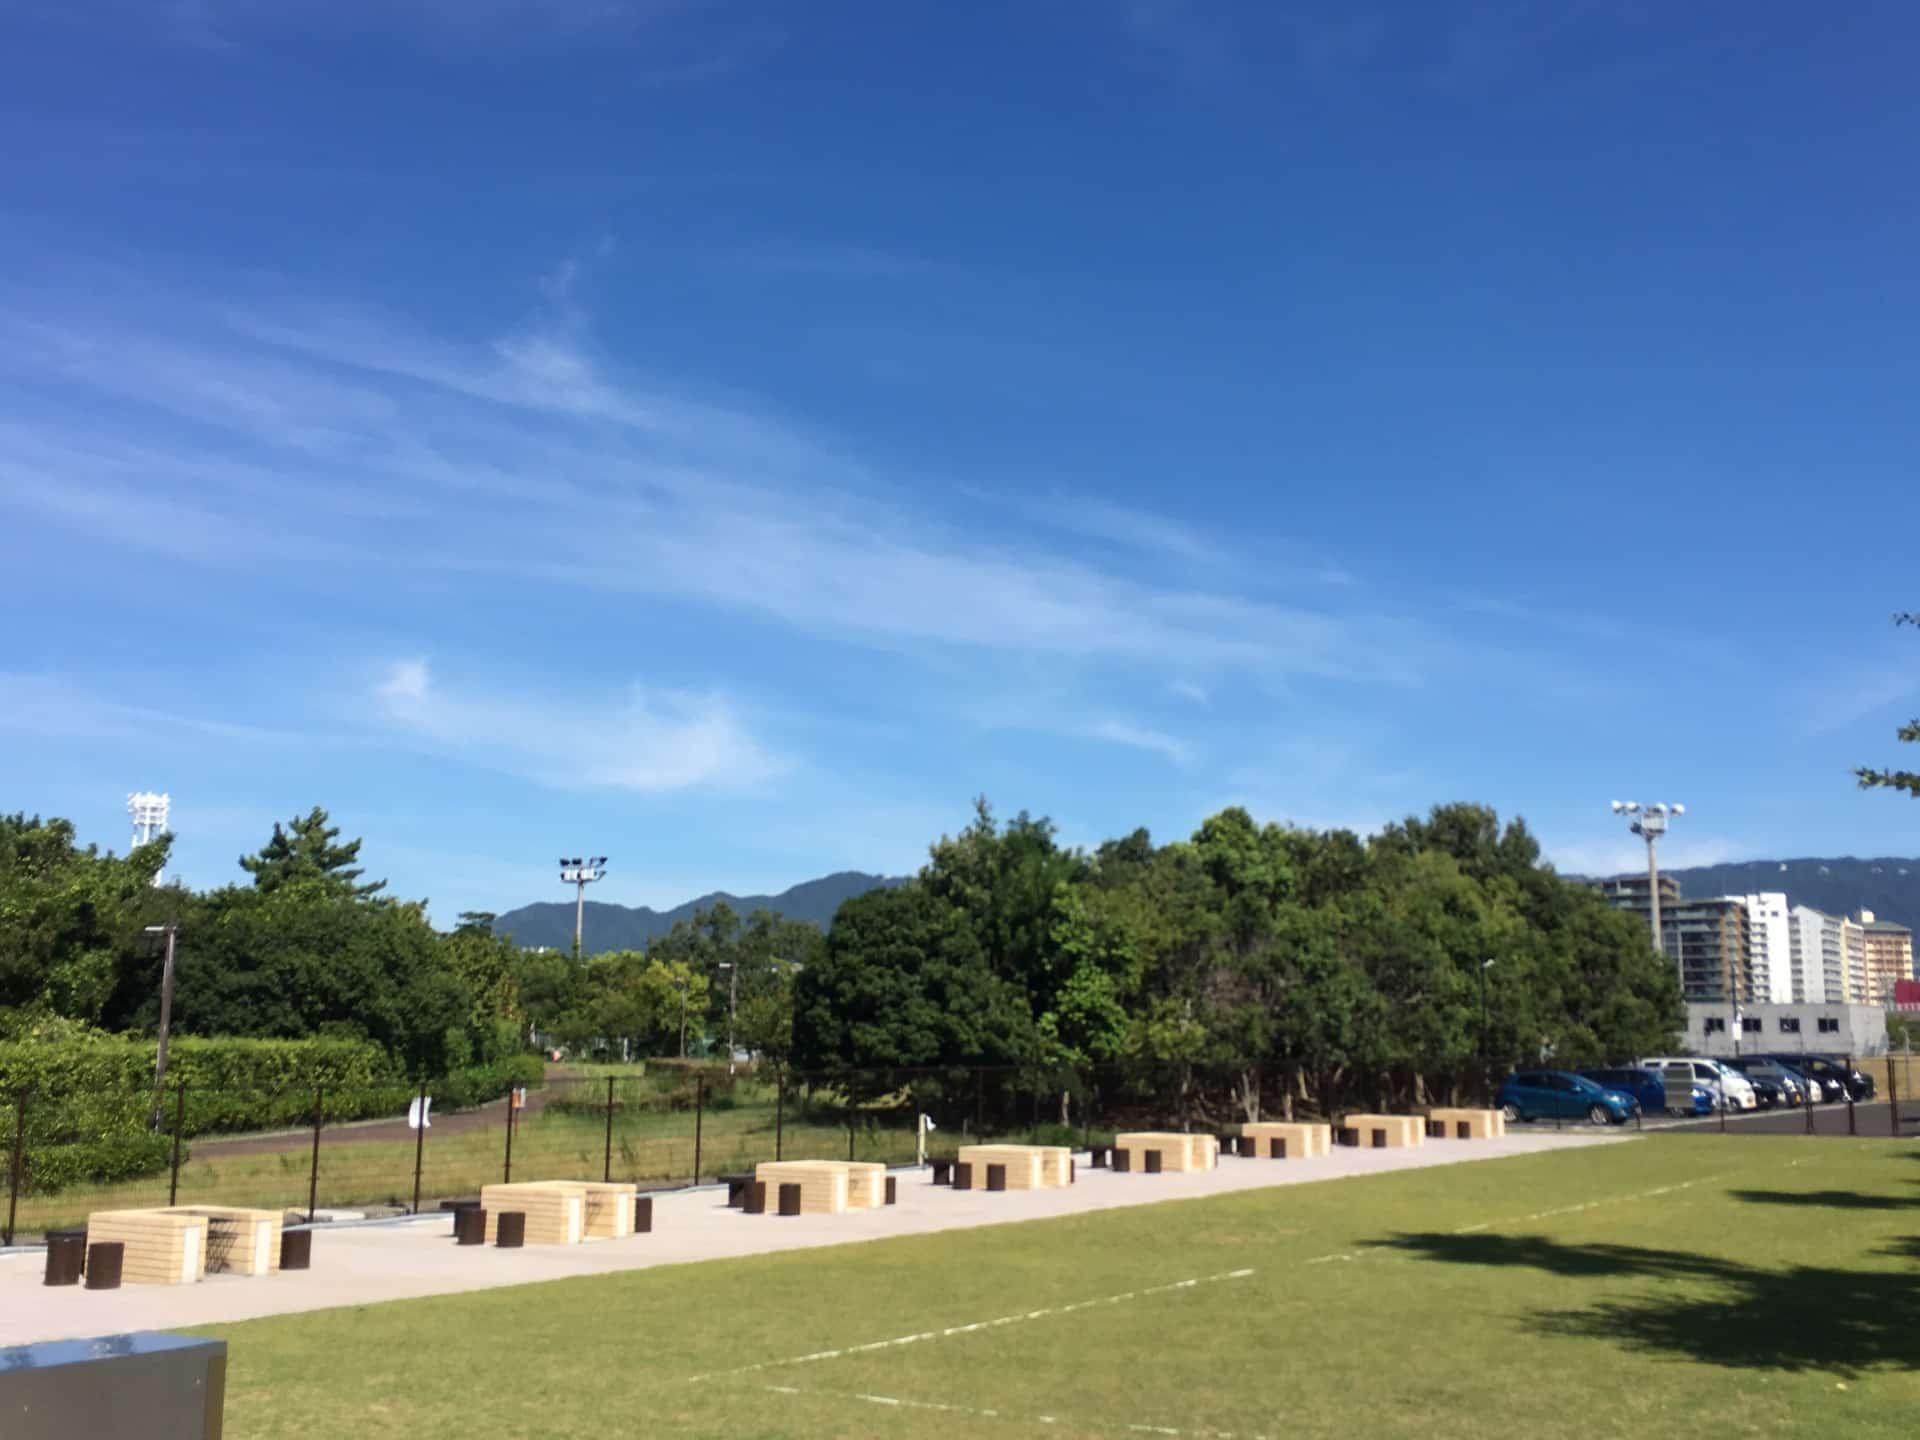 神戸・六甲アイランドにBBQ場「RICバーベキュー広場」オープン!海がすぐそばにある最高のロケーション